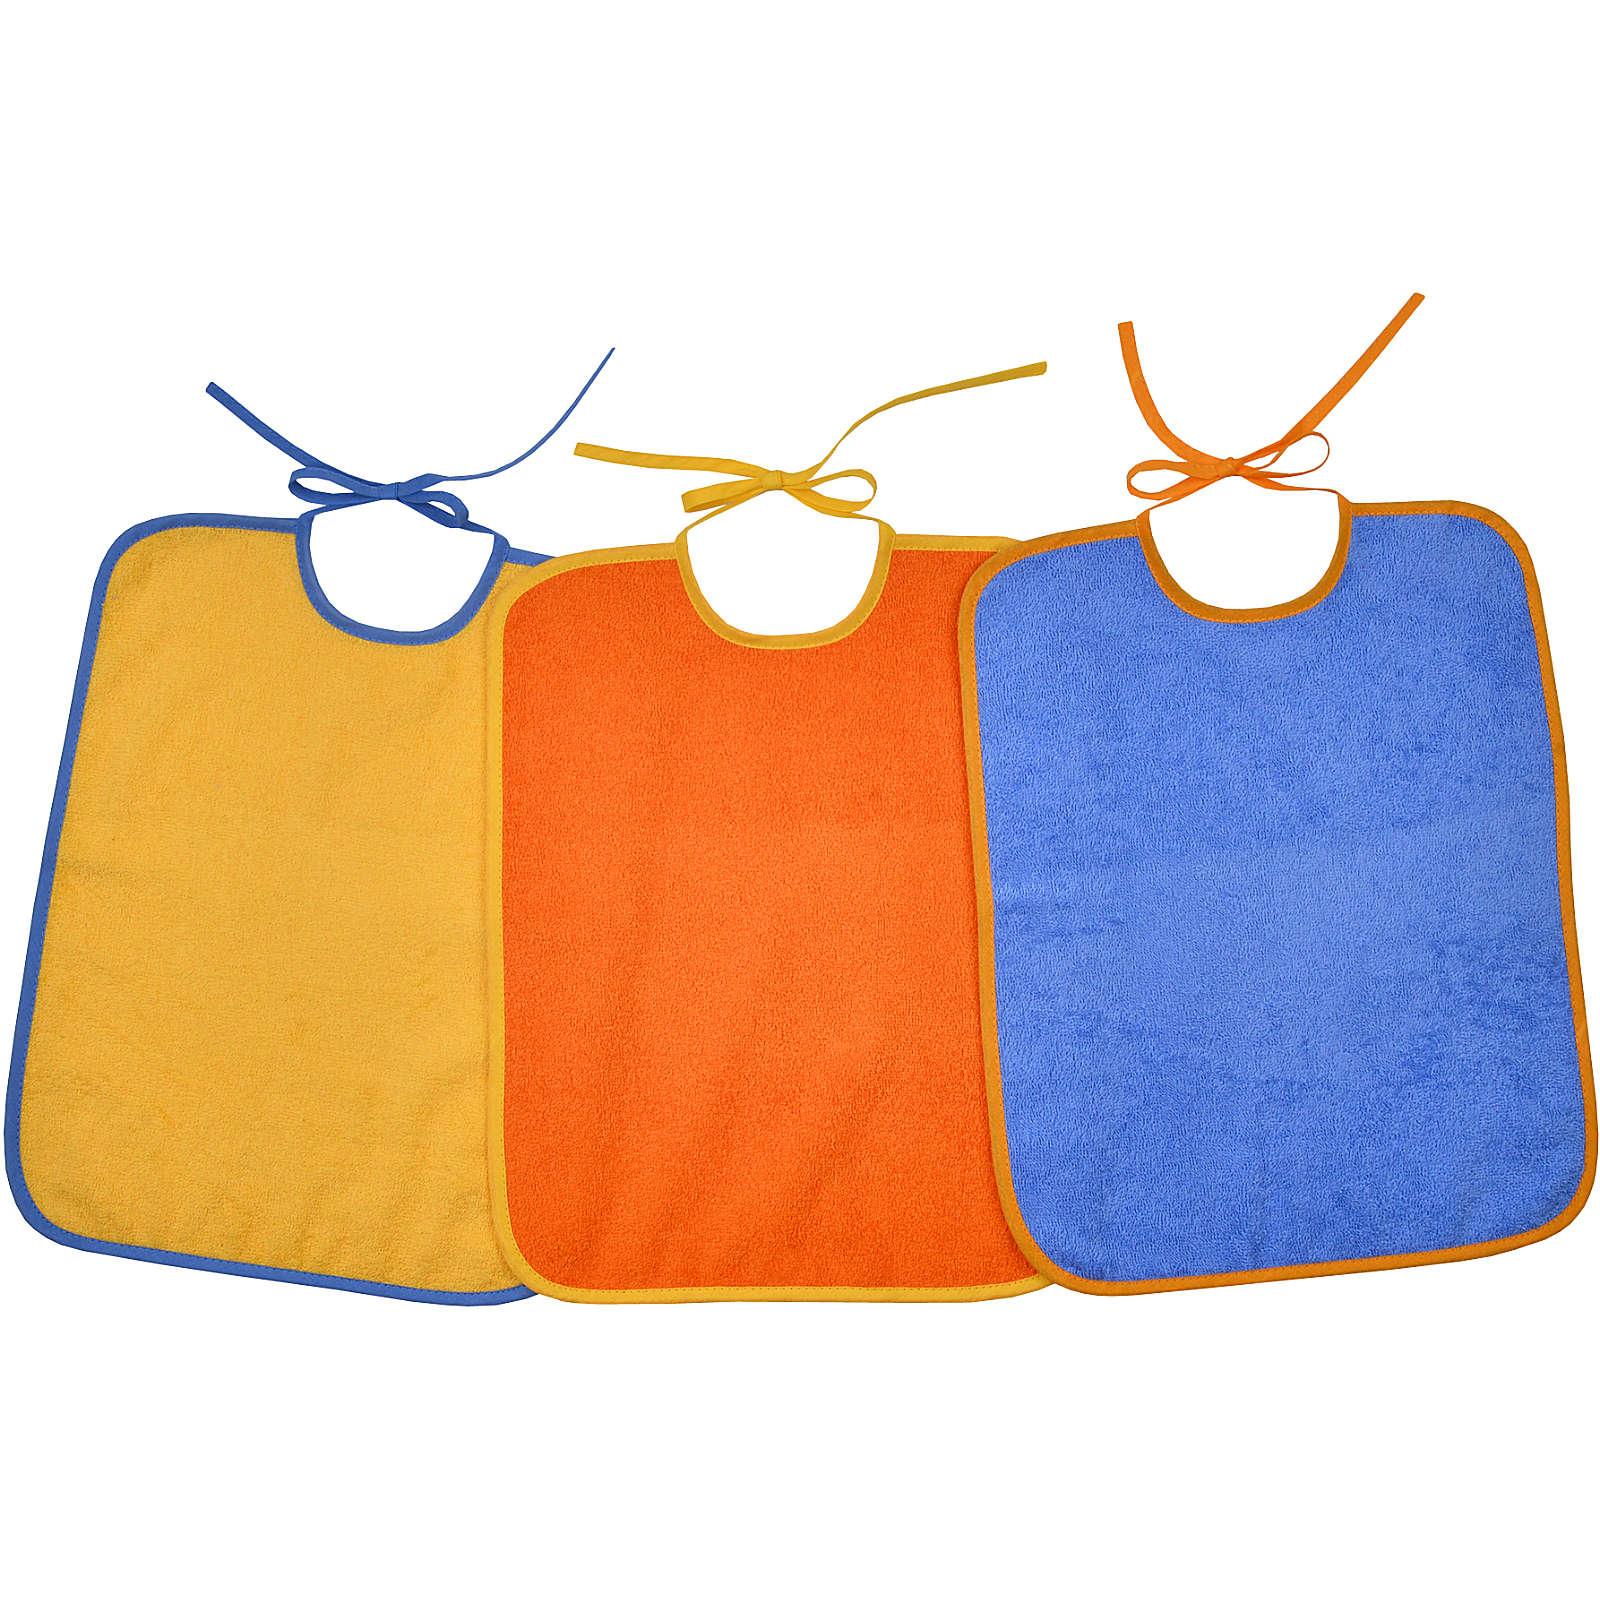 Wörner Riesen-Bindelätzchen 3er Set, gelb/orange/blau, 32 x 40 cm mehrfarbig Gr. 30 x 40